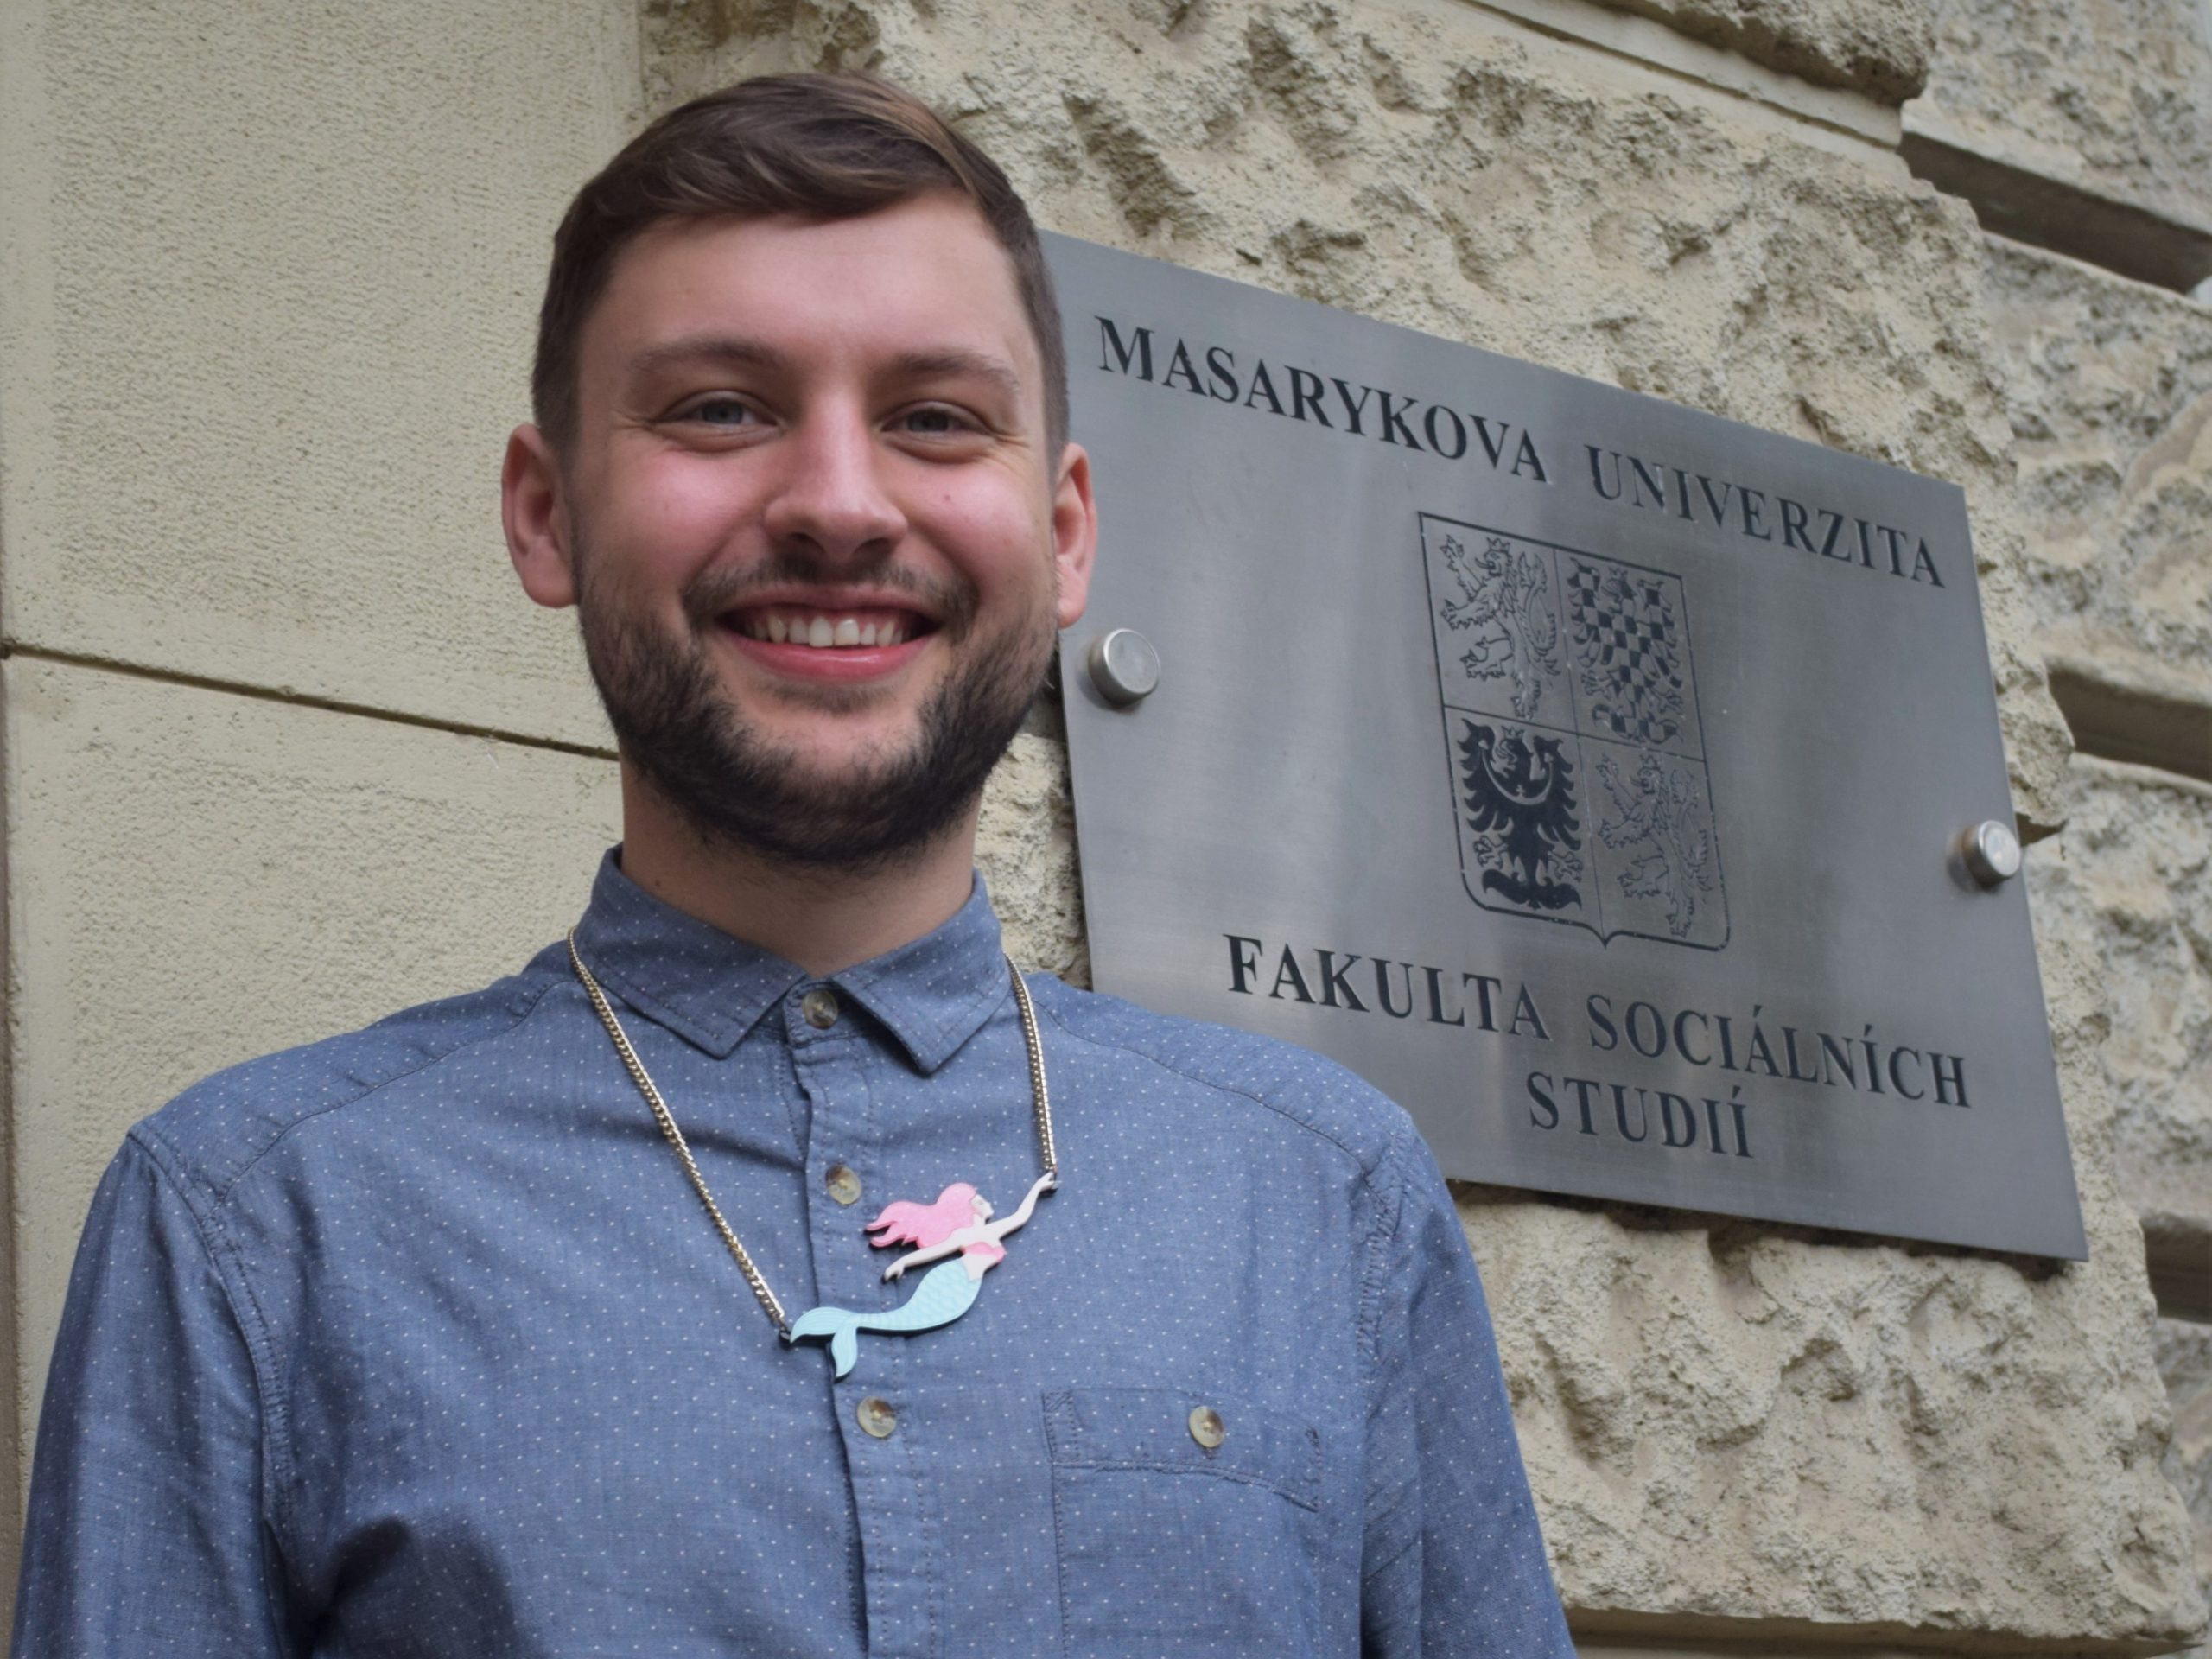 Foto archív Vojtěcha Mýlka